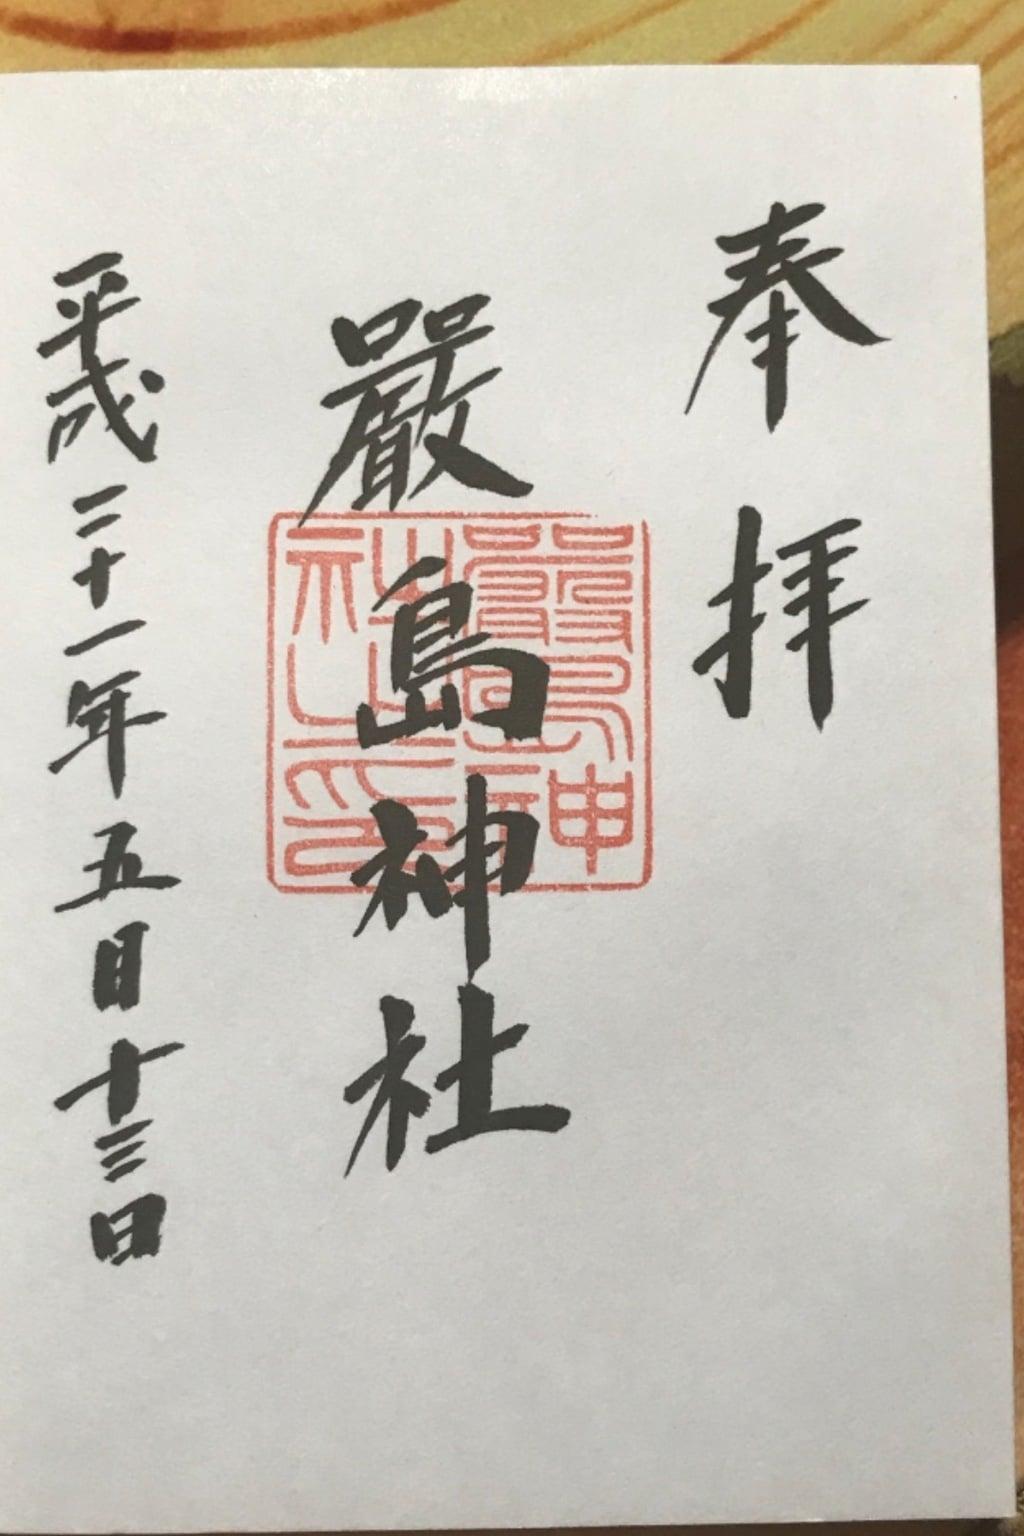 羽衣町厳島神社(関内厳島神社・横浜弁天)の御朱印